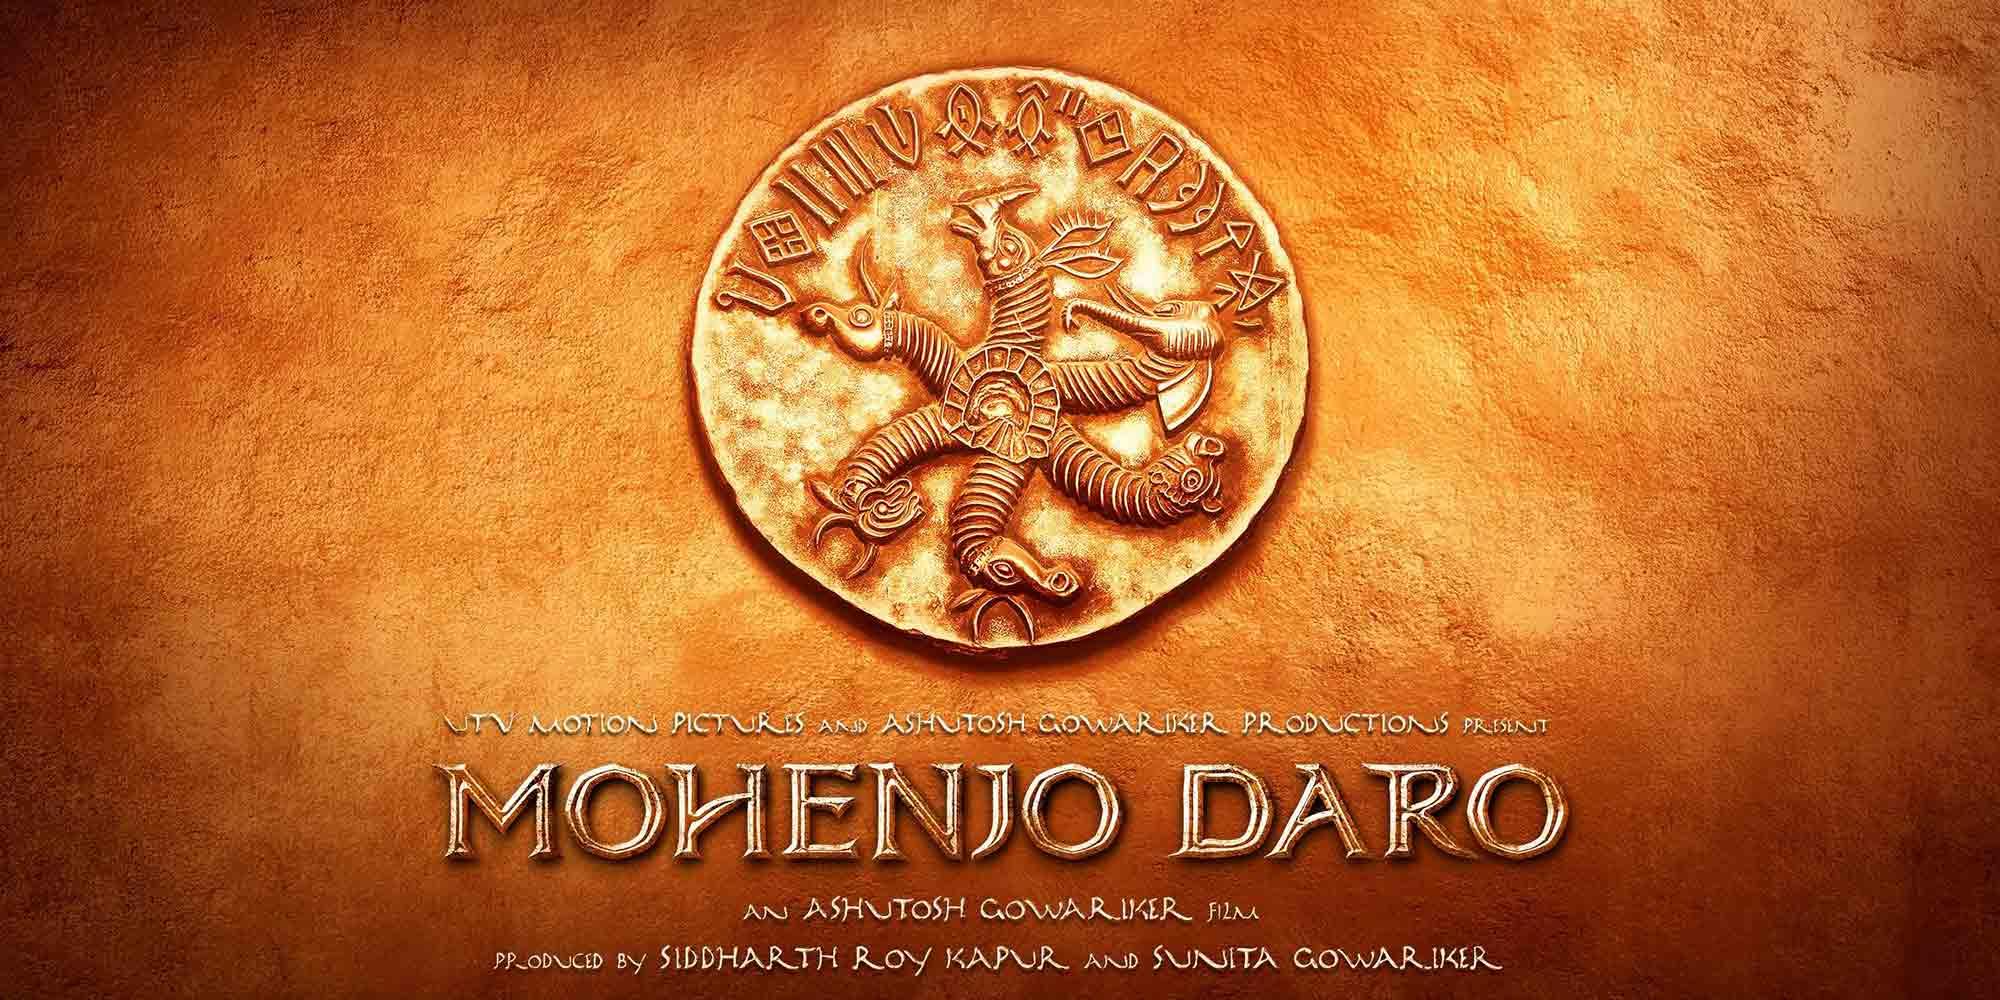 Mohenjo Daro - Header Image